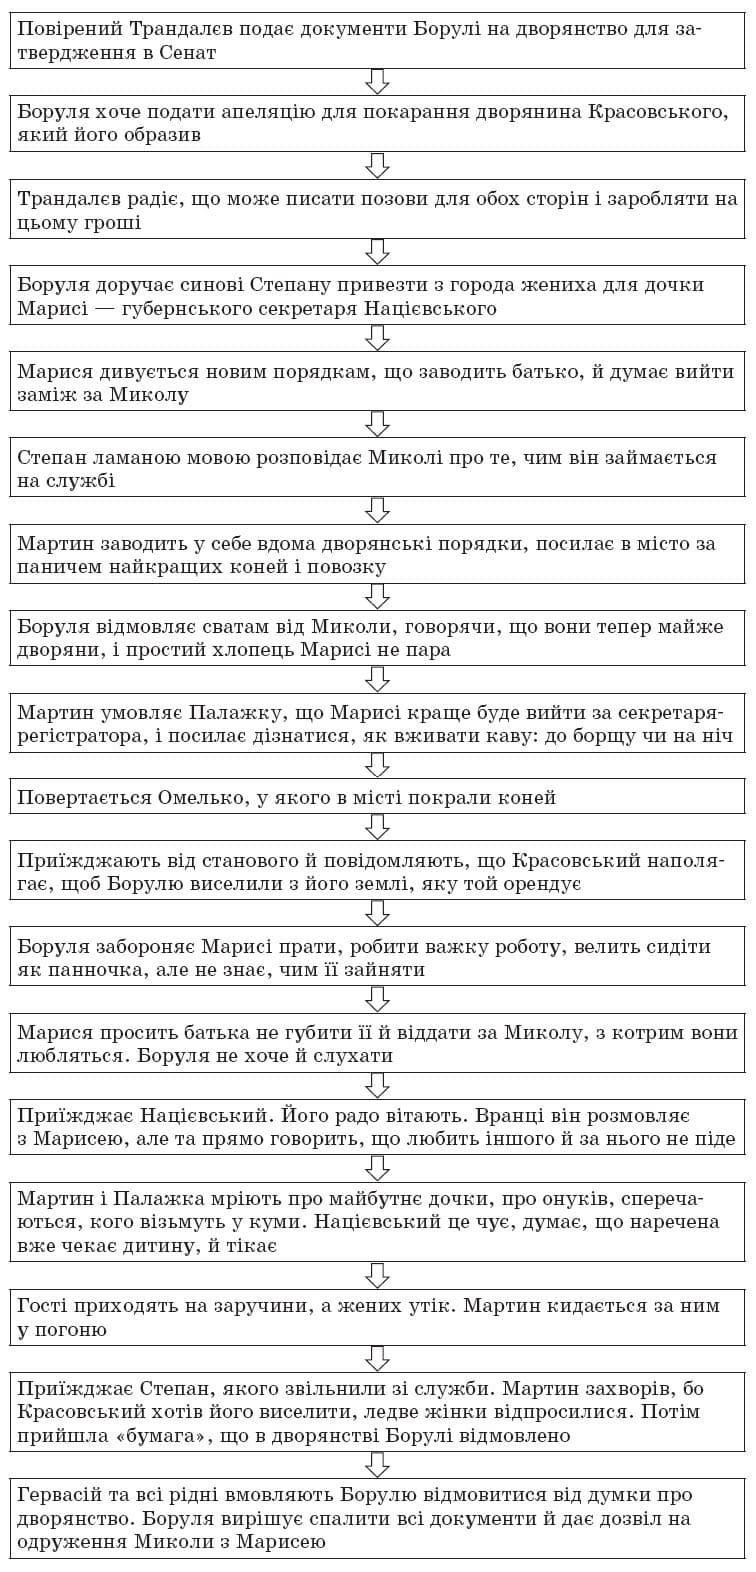 ukrainska_literatura_10_klass_17